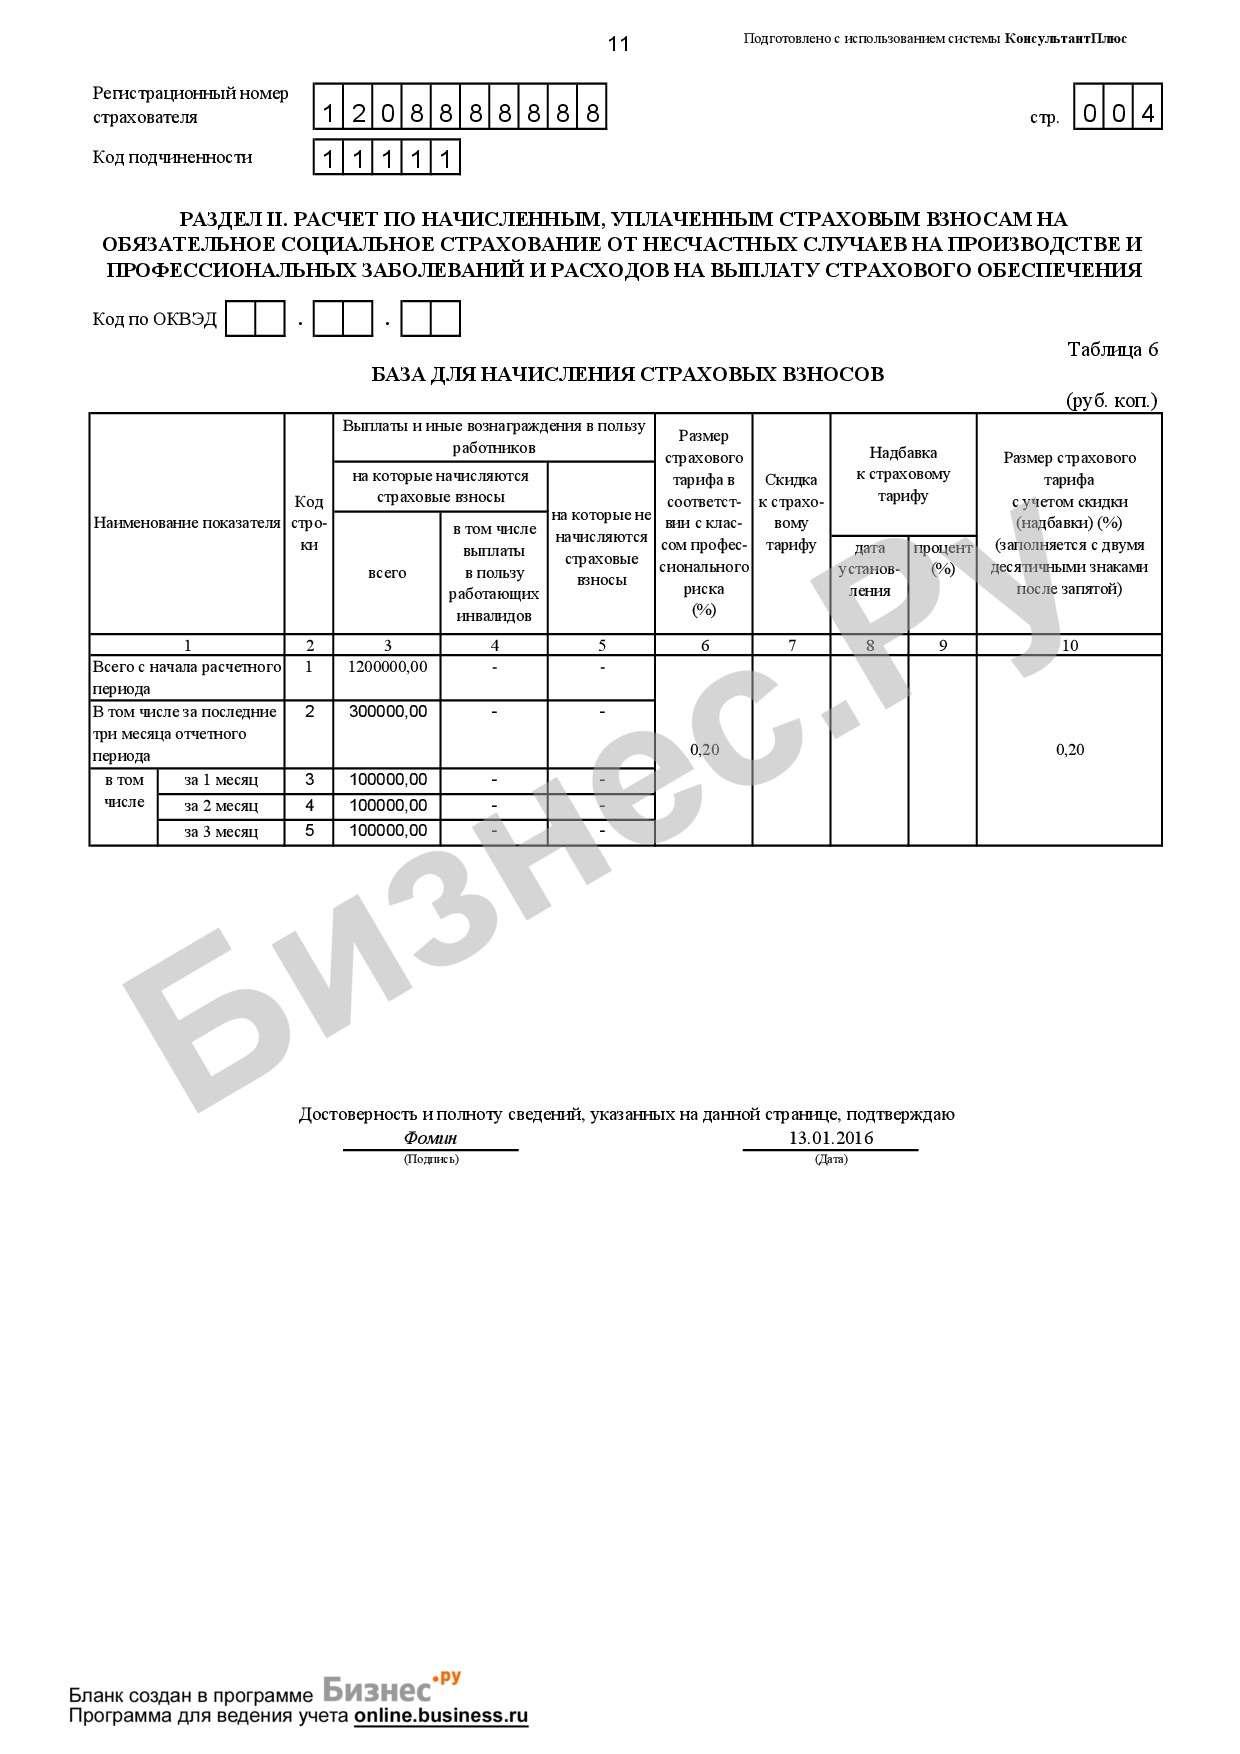 образец заполнения формы 4-фсс за 1 квартал 2014 года